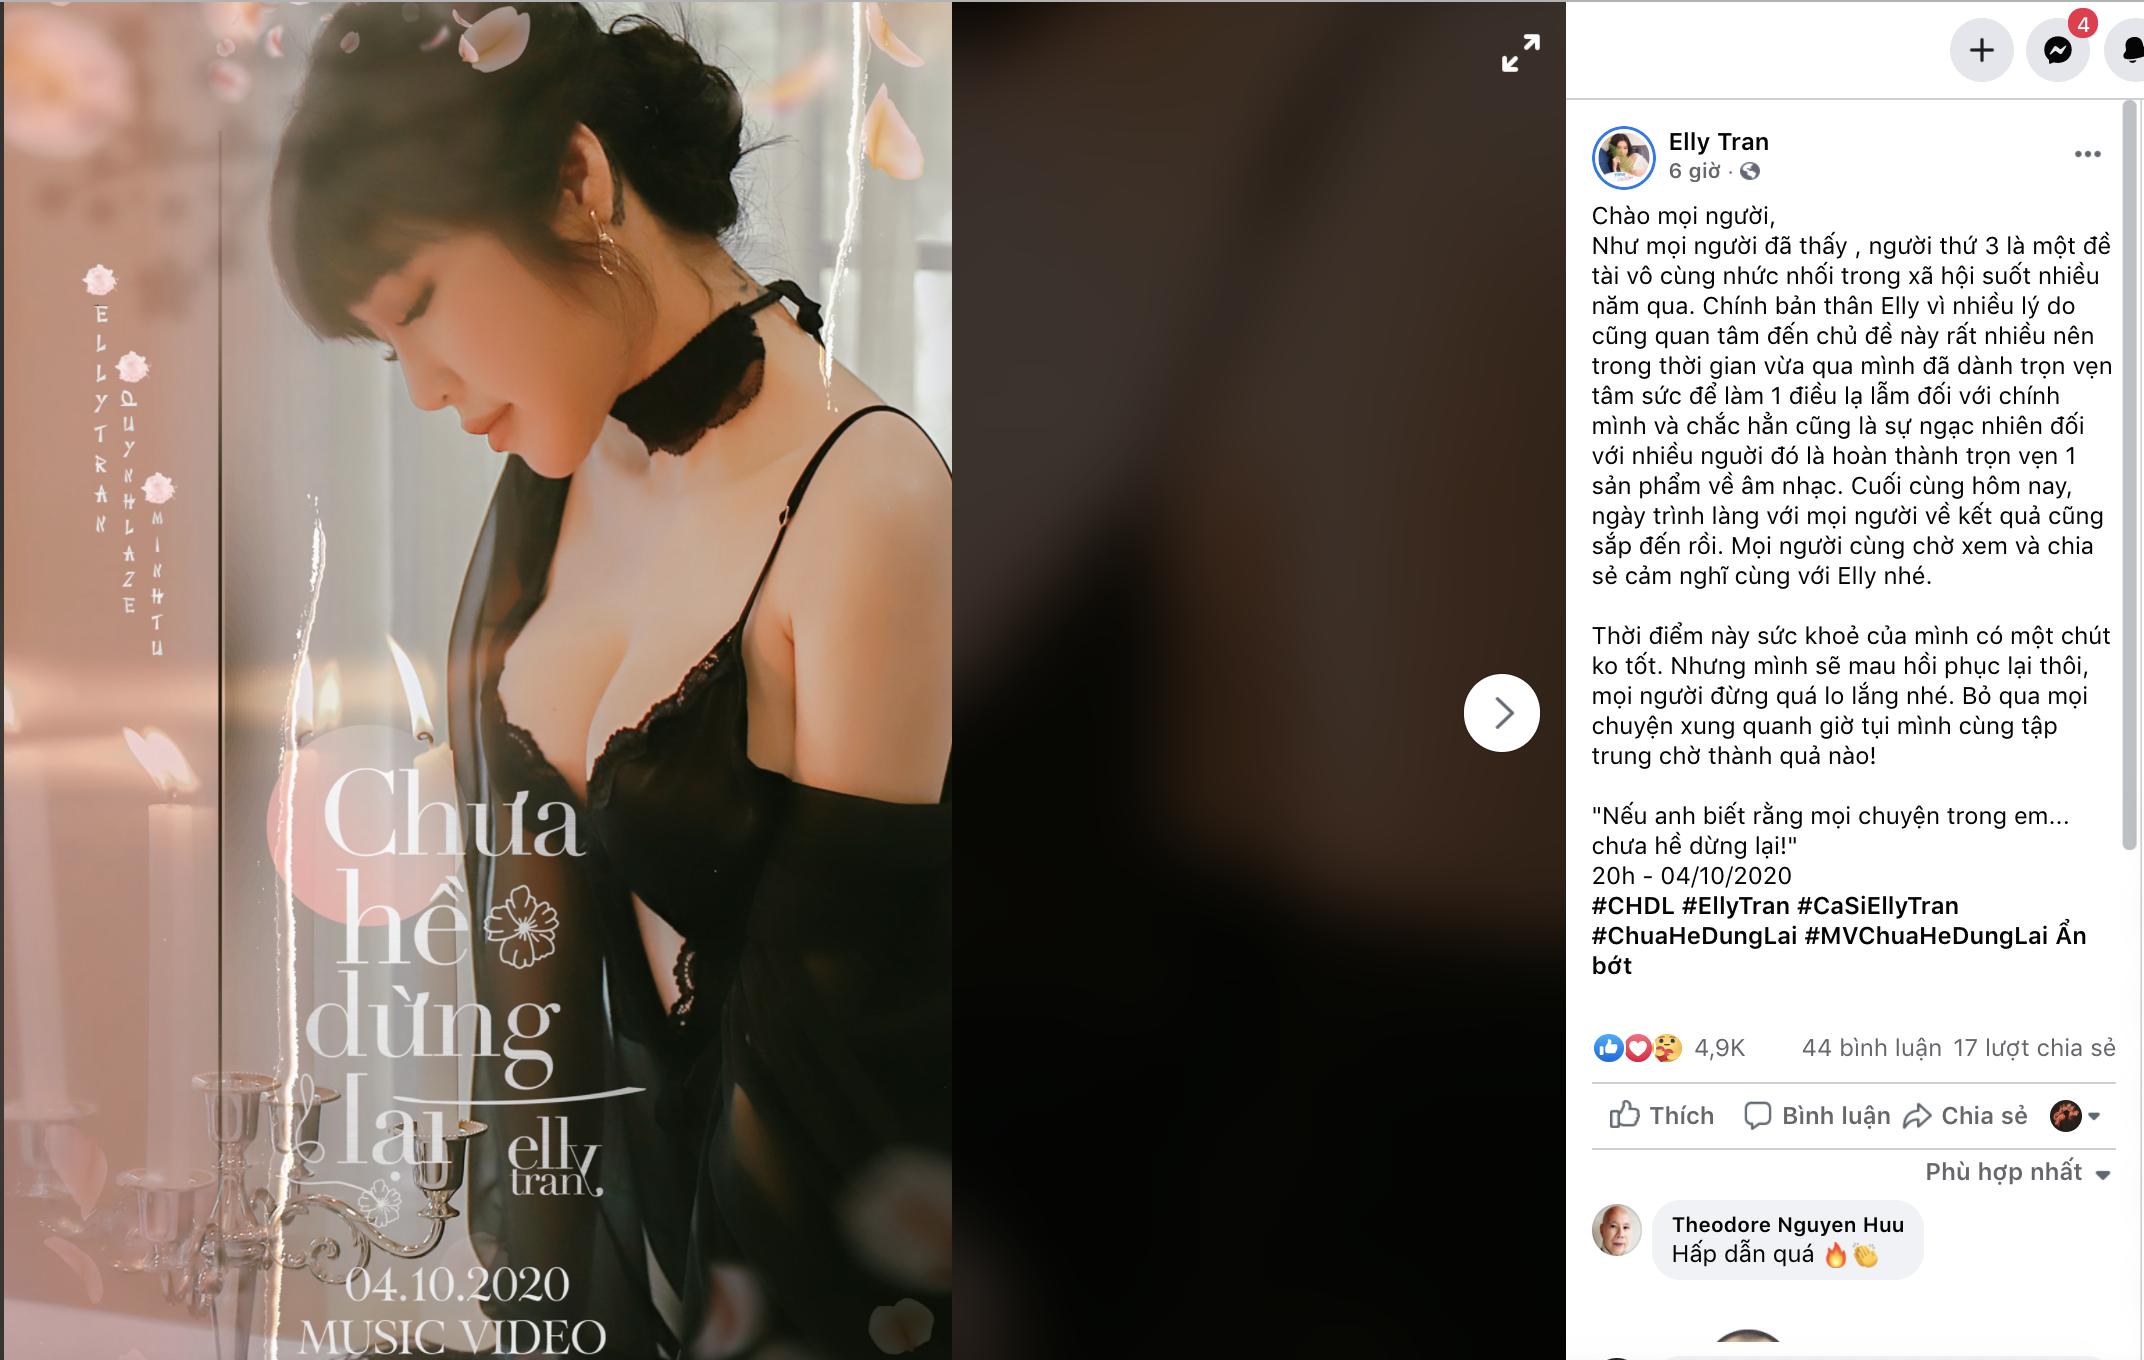 Thông báo của Elly Trần.